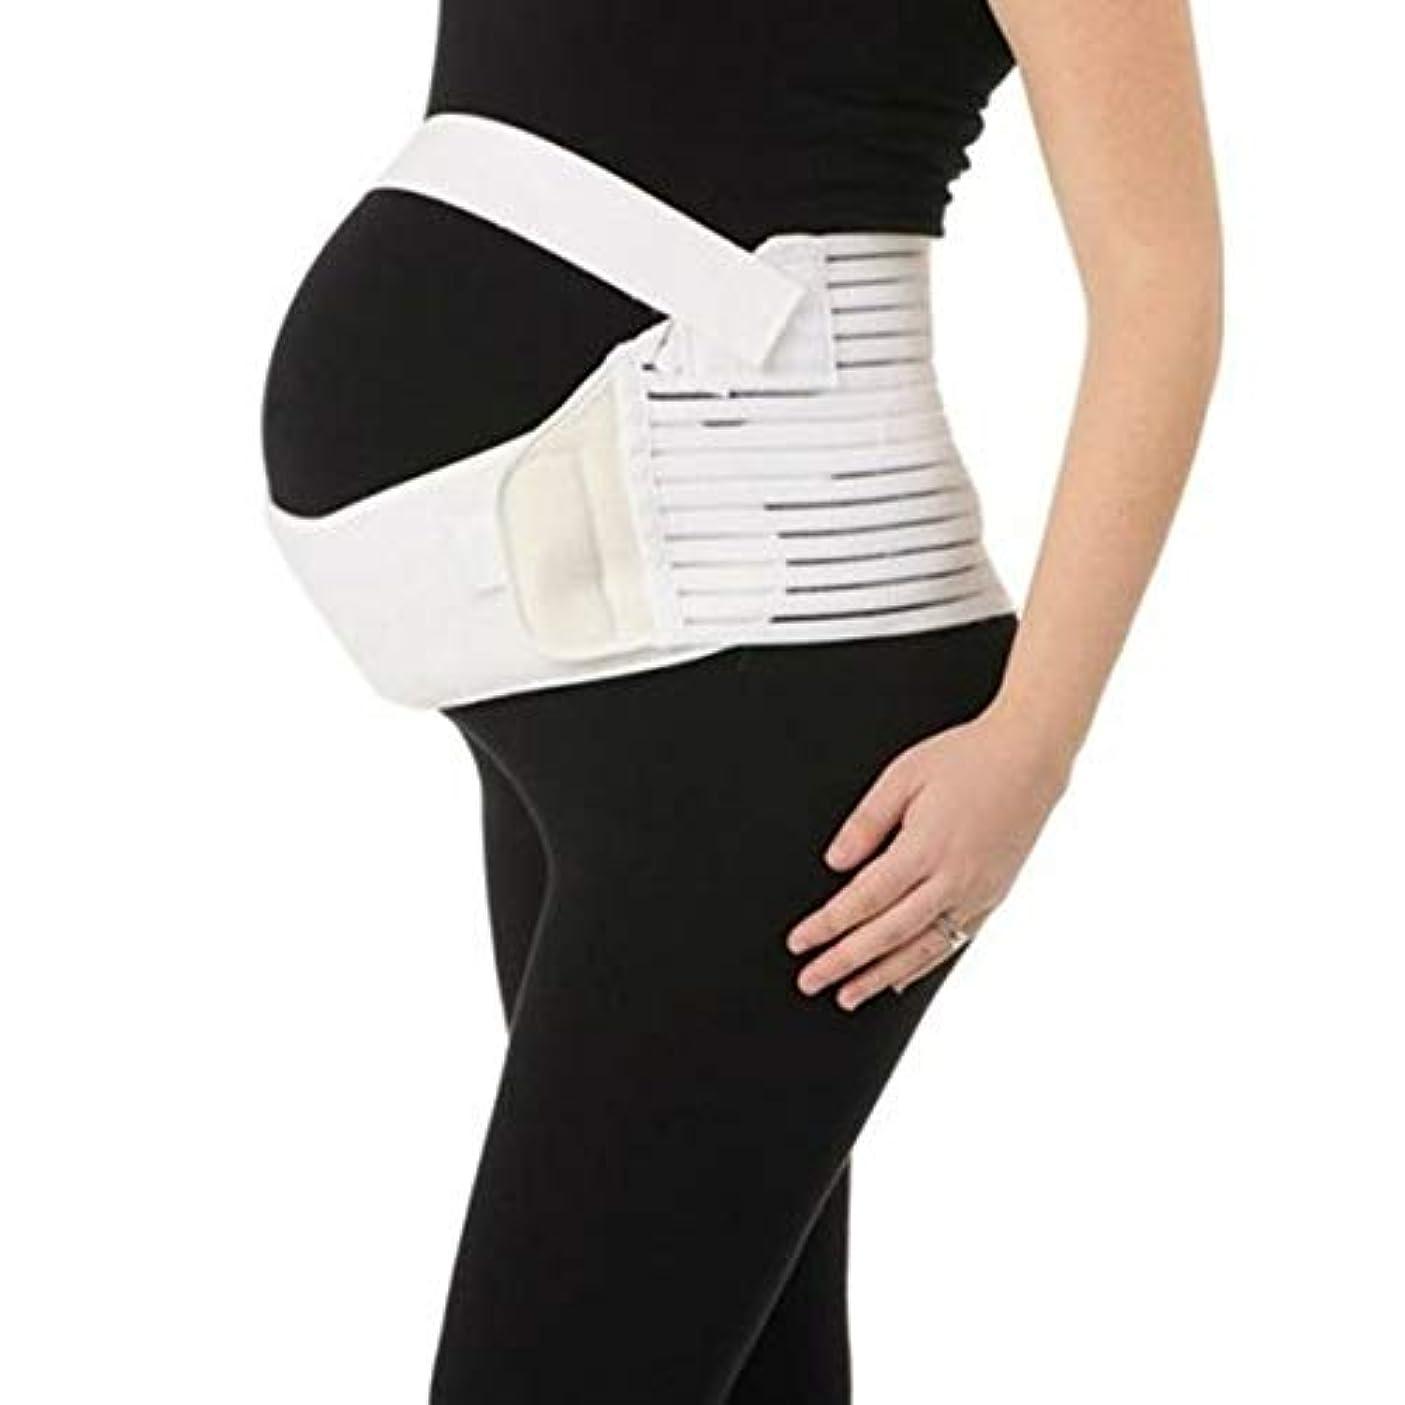 彼のにぎやかスキル通気性マタニティベルト妊娠腹部サポート腹部バインダーガードル運動包帯産後の回復shapewear - ホワイトL